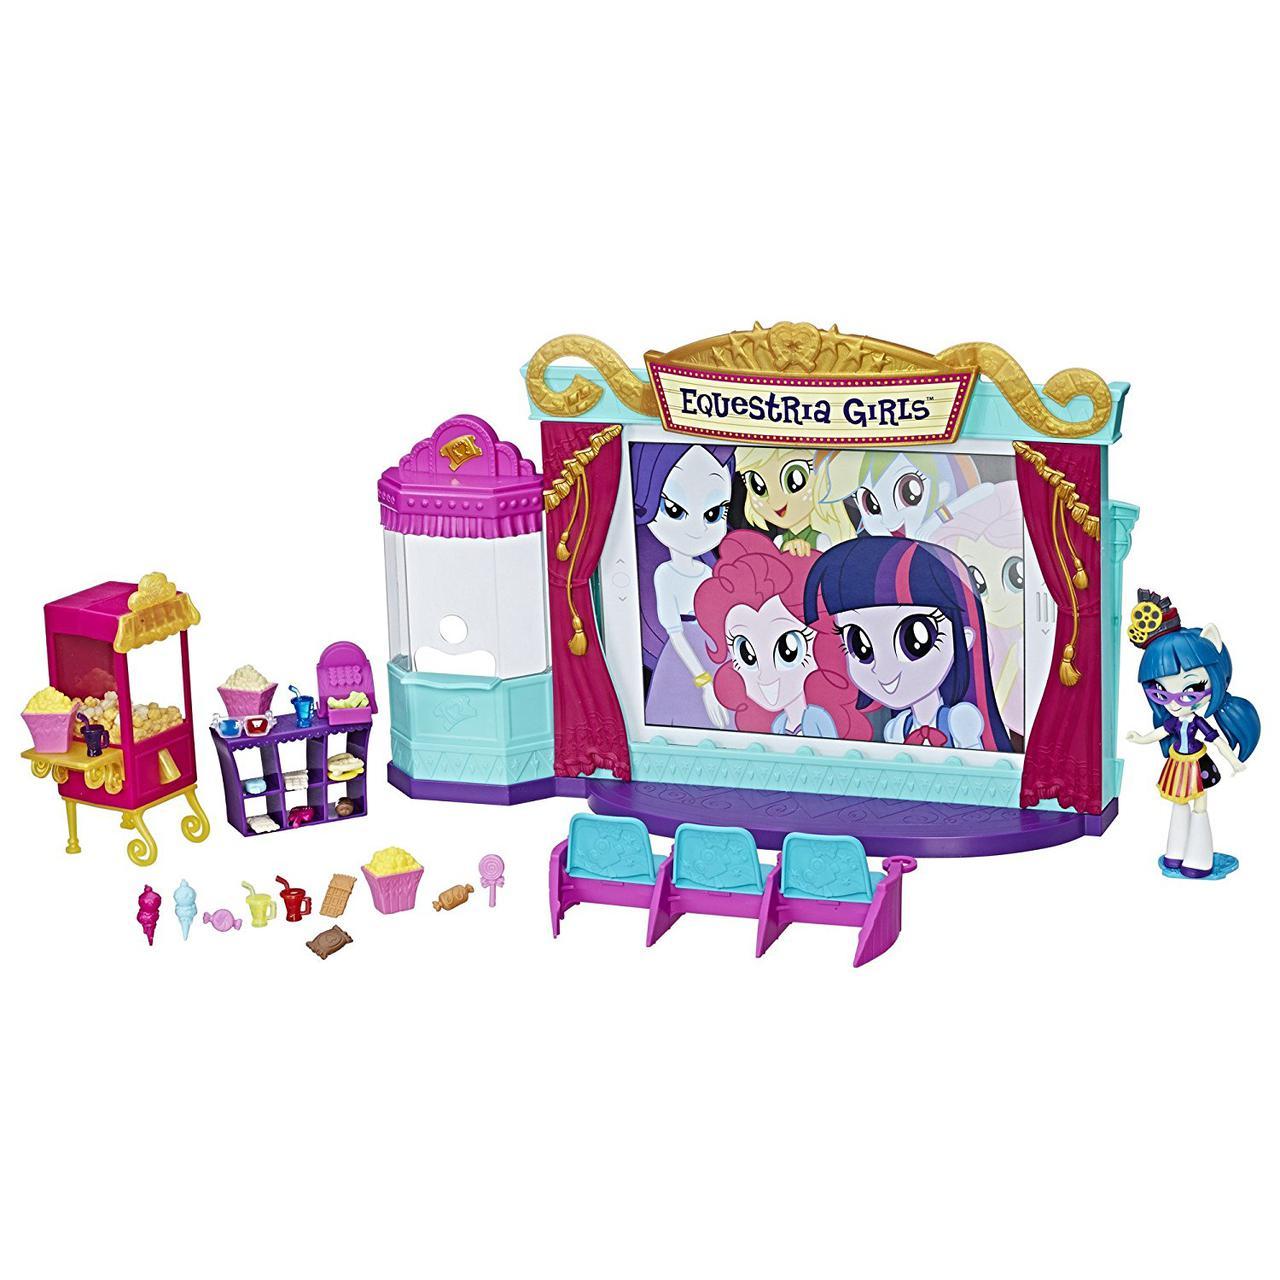 Игровой набор Кинотеатр Моя Маленькая Пони Минис My Little Pony Equestria Girls Minis Movie Theater